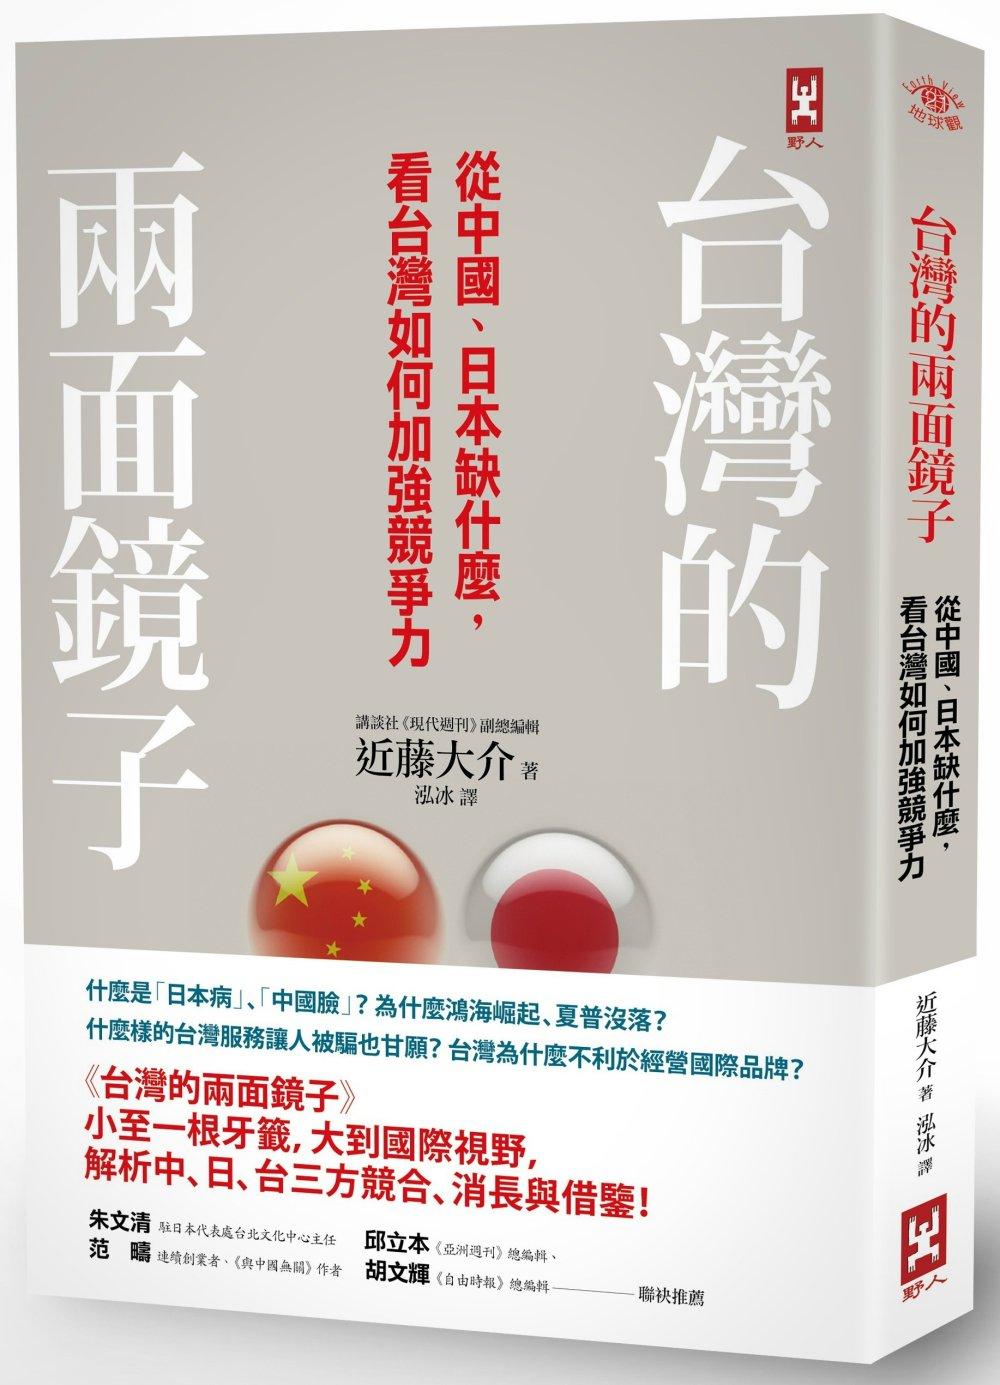 台灣的兩面鏡子:從中國、日本缺什麼, 看台灣如何加強競爭力